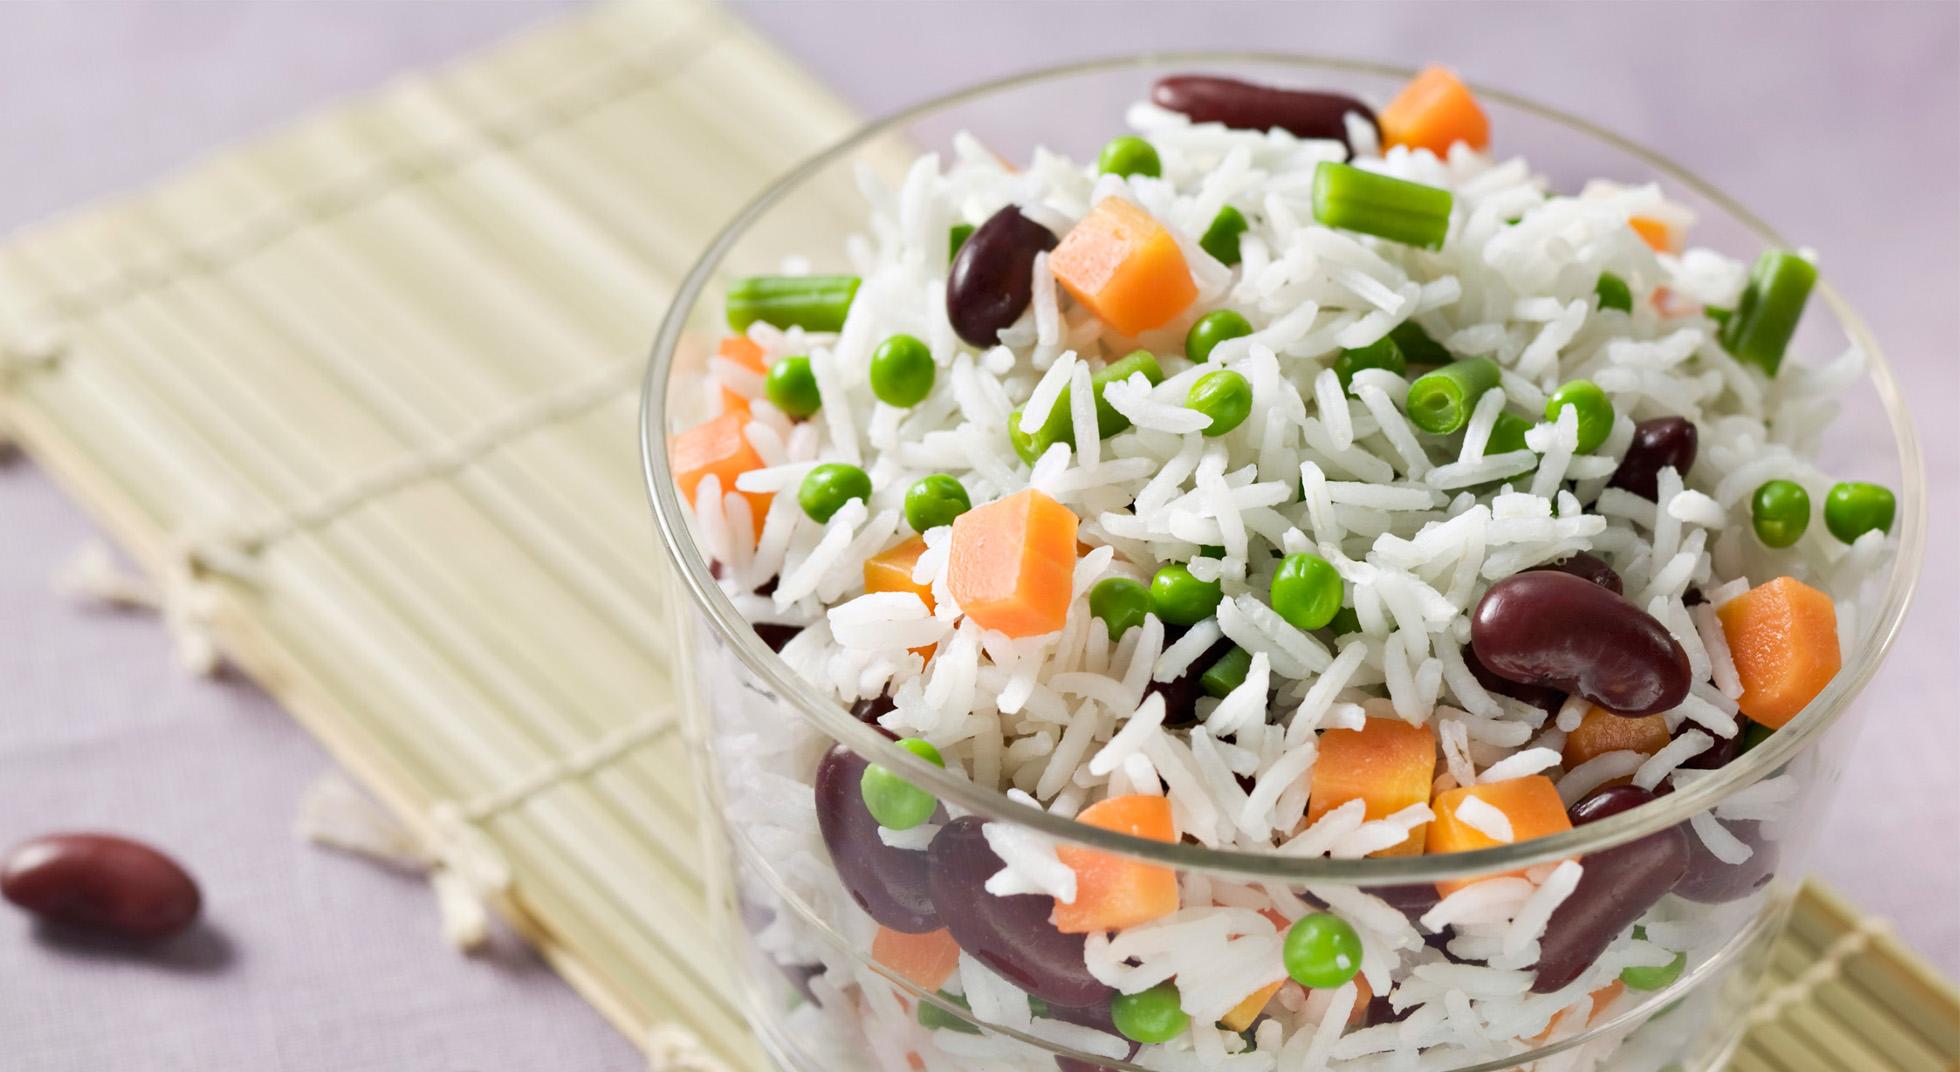 Insalata di riso 10 ricette per i bambini aia food for Ricette di riso